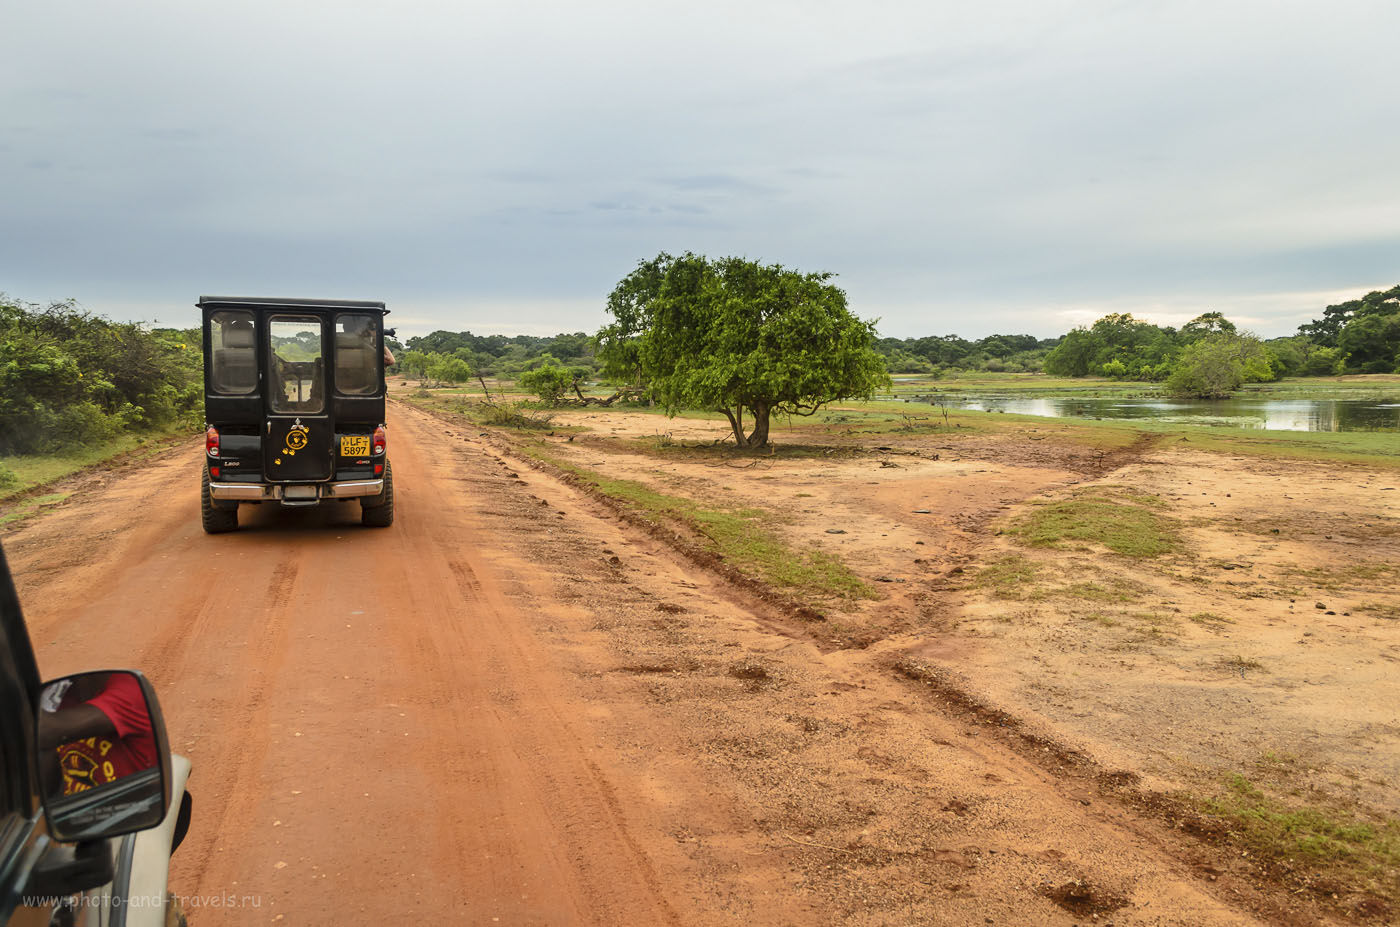 4. Во время фотосафари в заповеднике Яла на Шри-Ланке туристам категорически запрещено выходить из джипа. (320, 18, 7.1, 1/30)